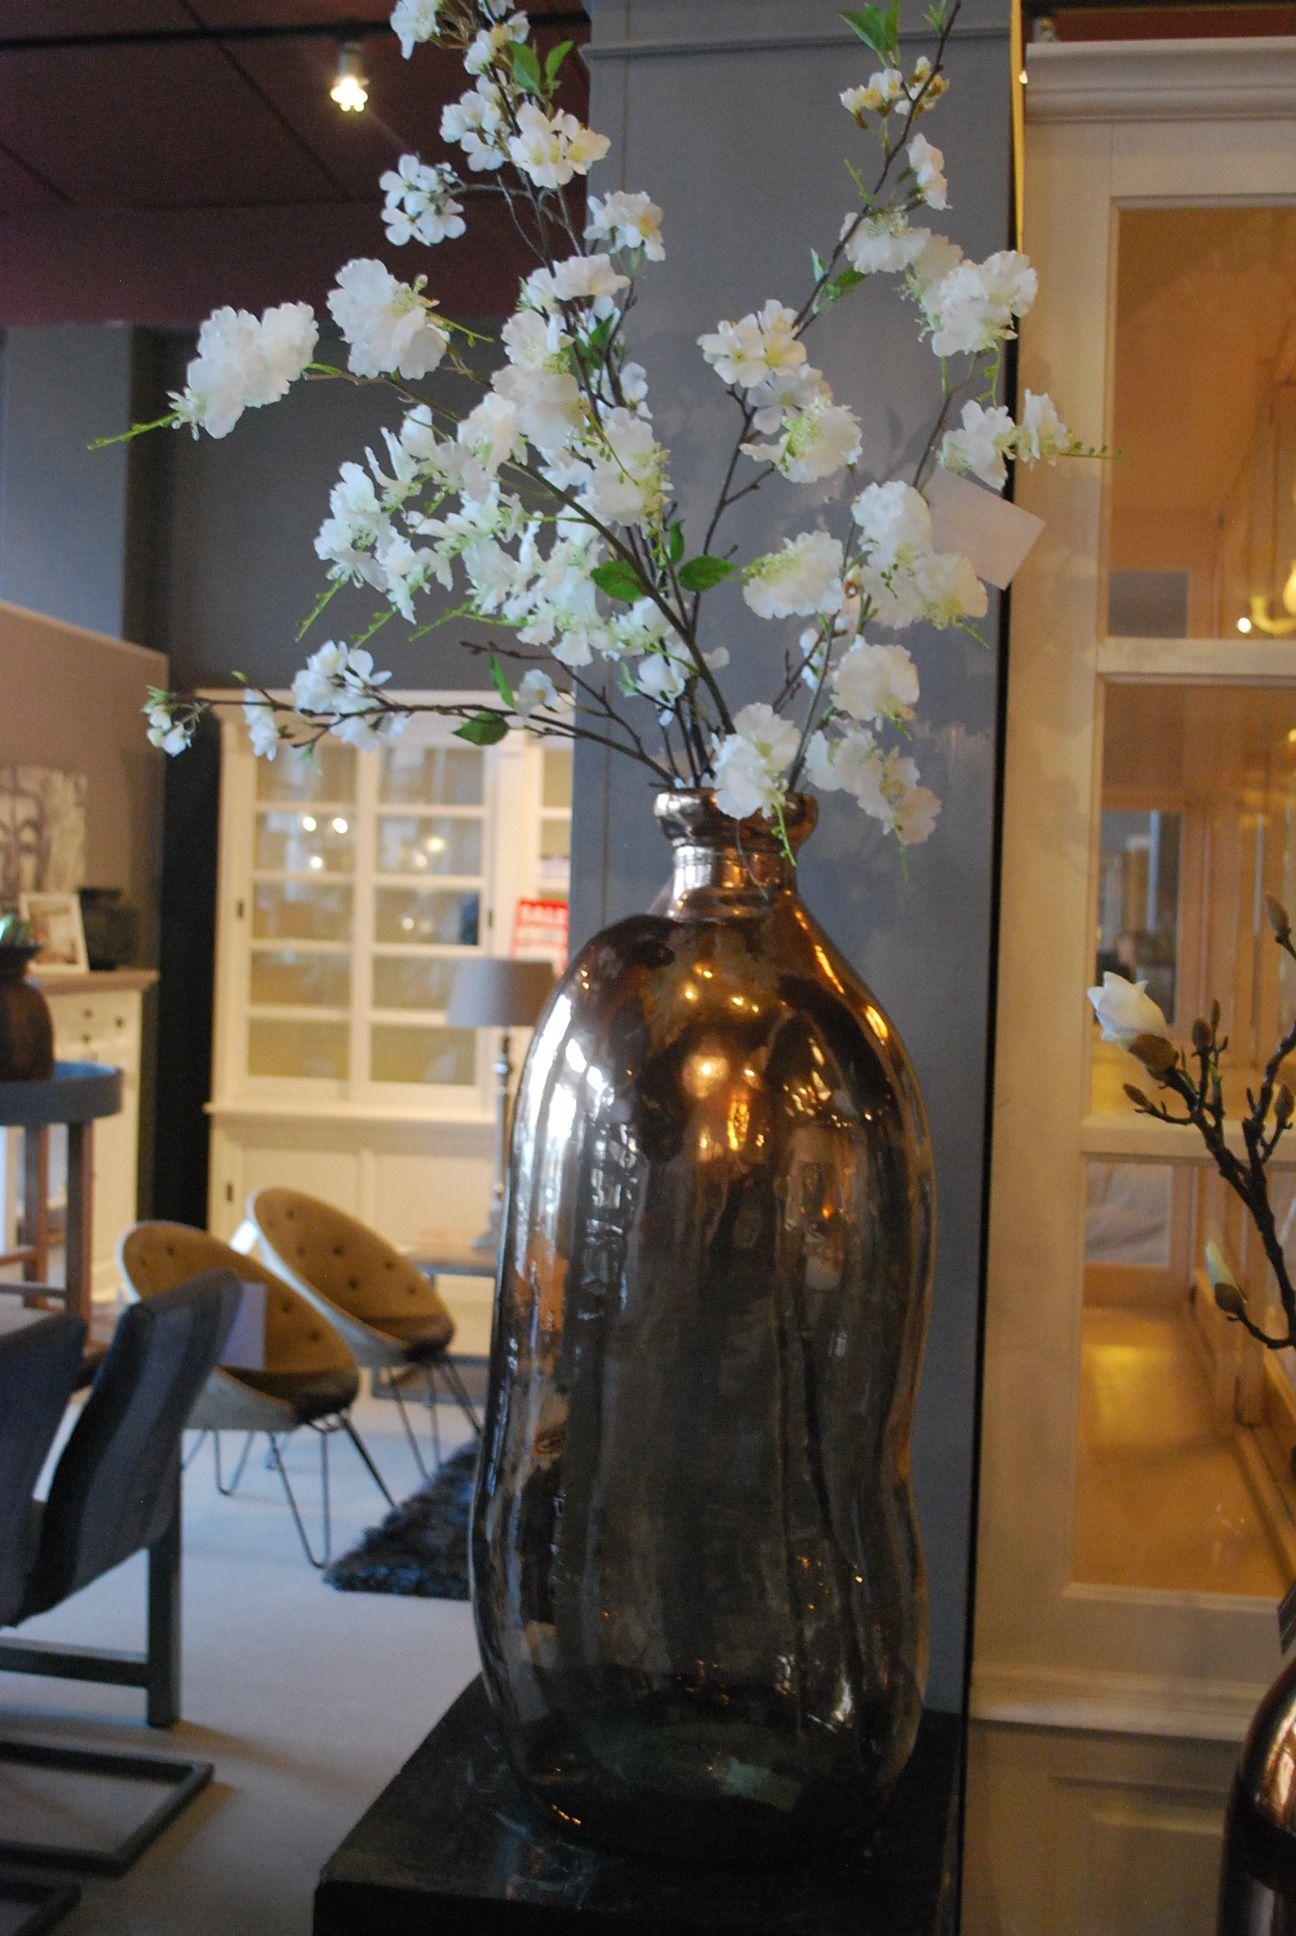 Grote vaas #vaas #flowers #flower #interieur #interieurwinkel ...